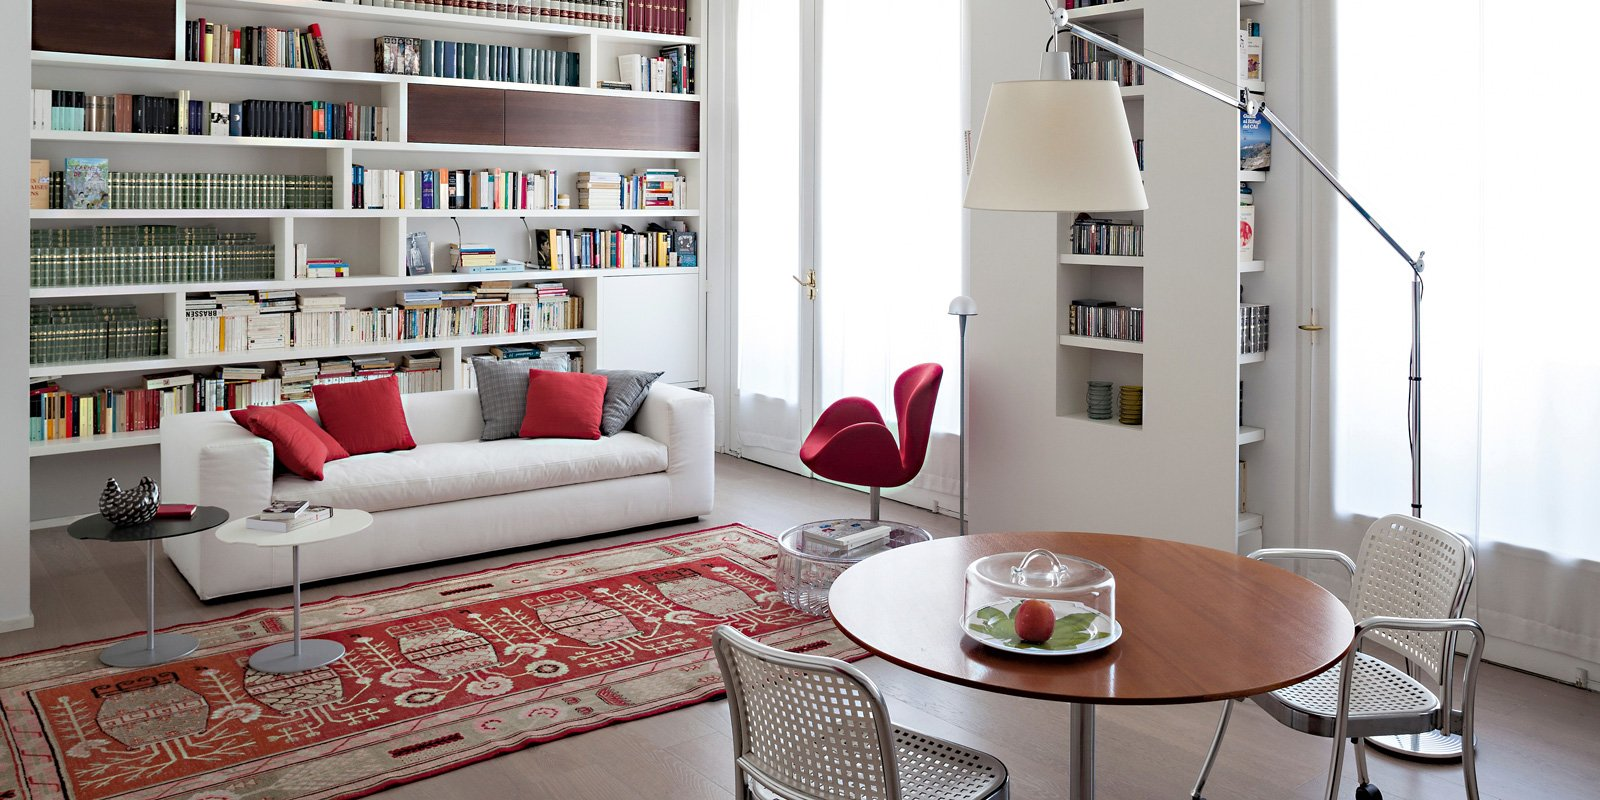 50 mq una casa open space per avere pi luce guarda i costi della ristrutturazione cose di casa - Costi ristrutturazione casa 130 mq ...